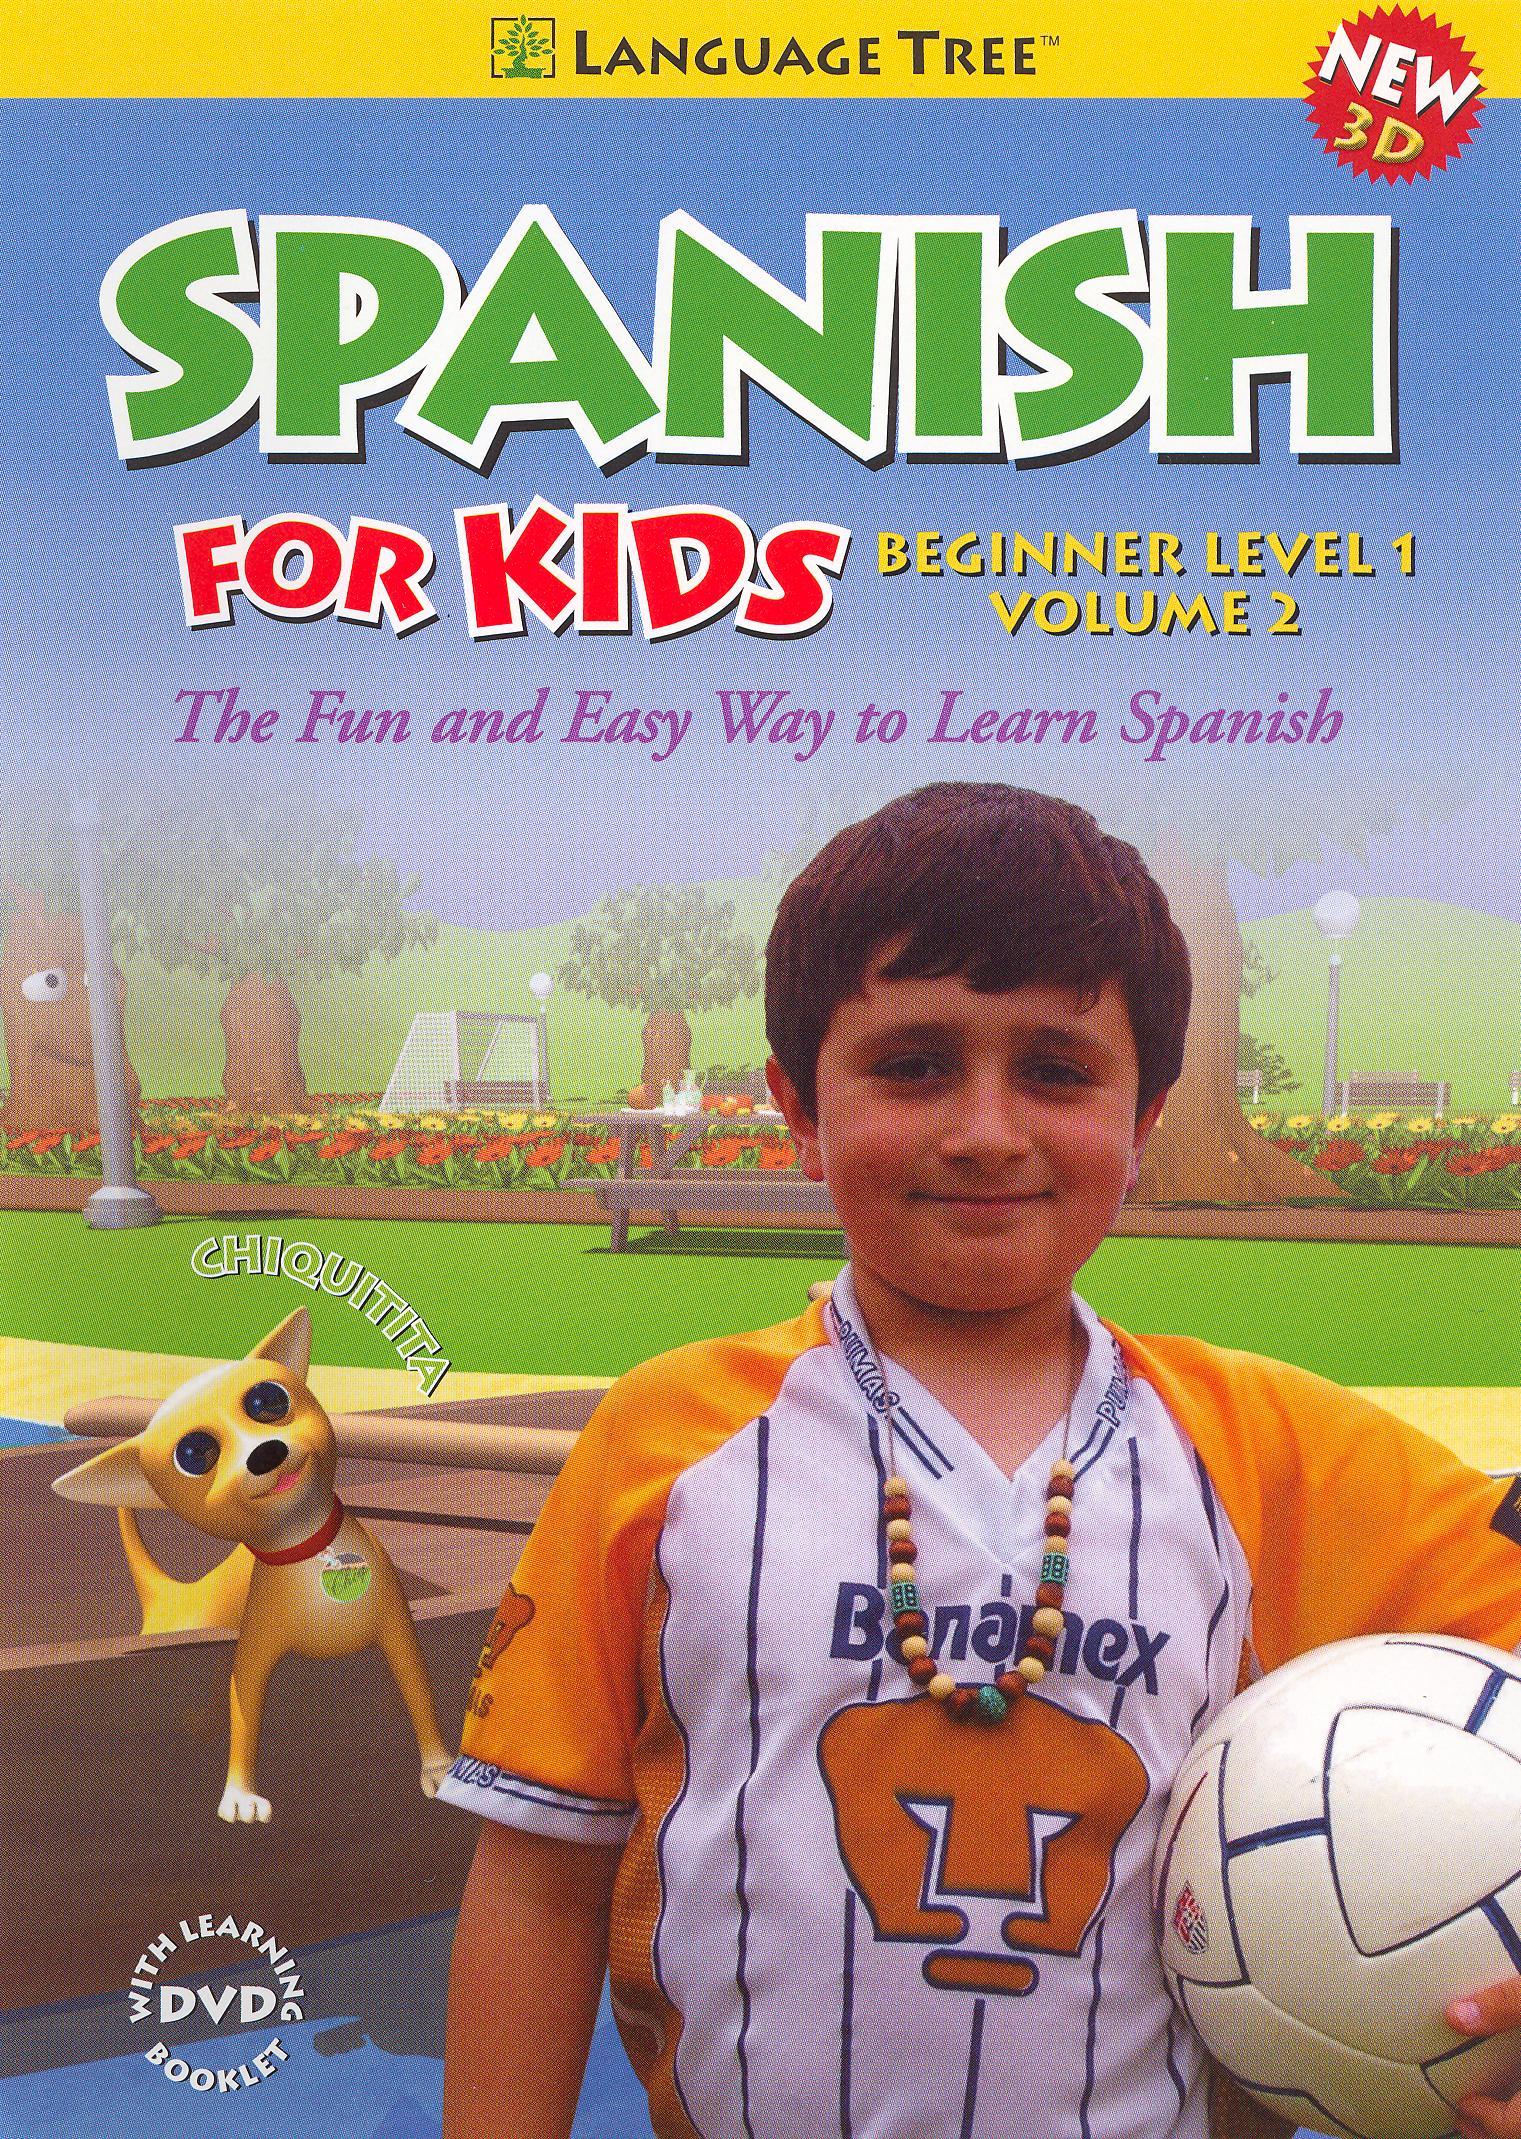 Spanish for Kids: Beginner, Vol. 2